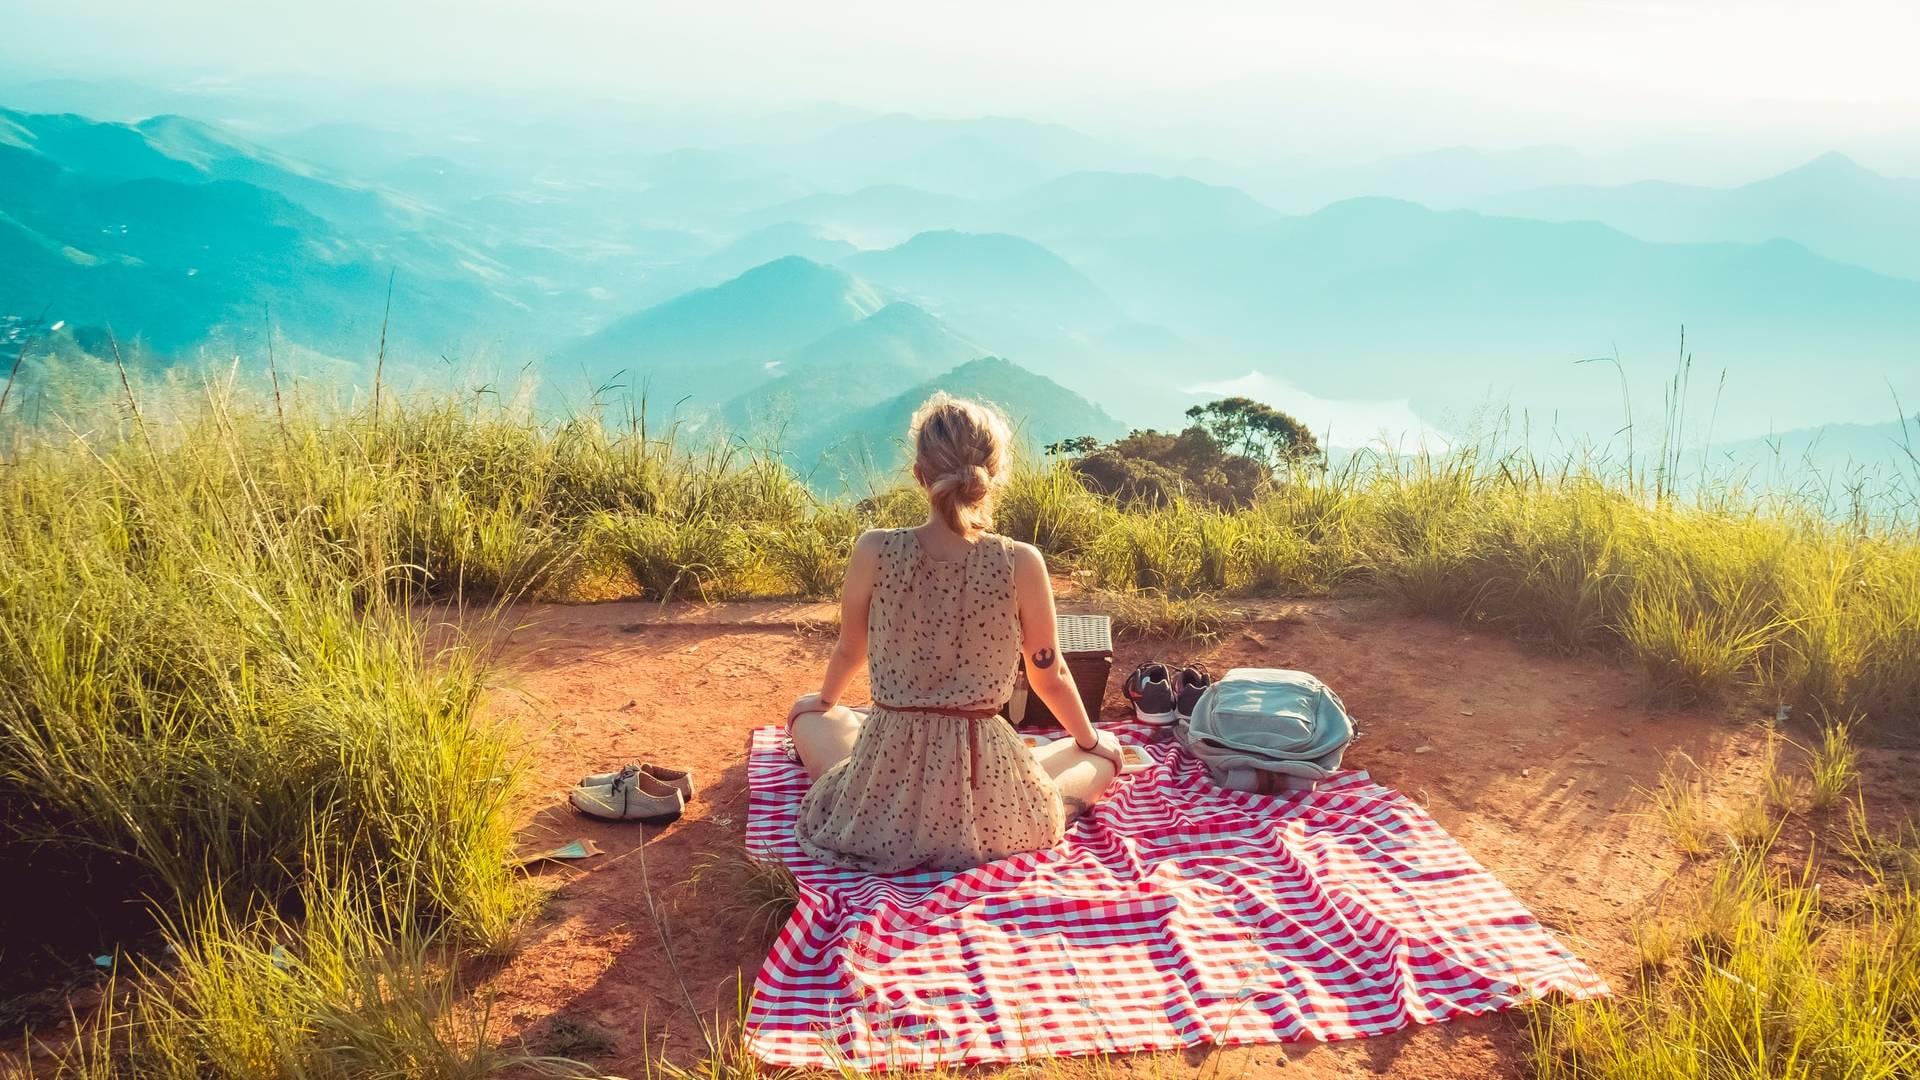 piknik a hegyen